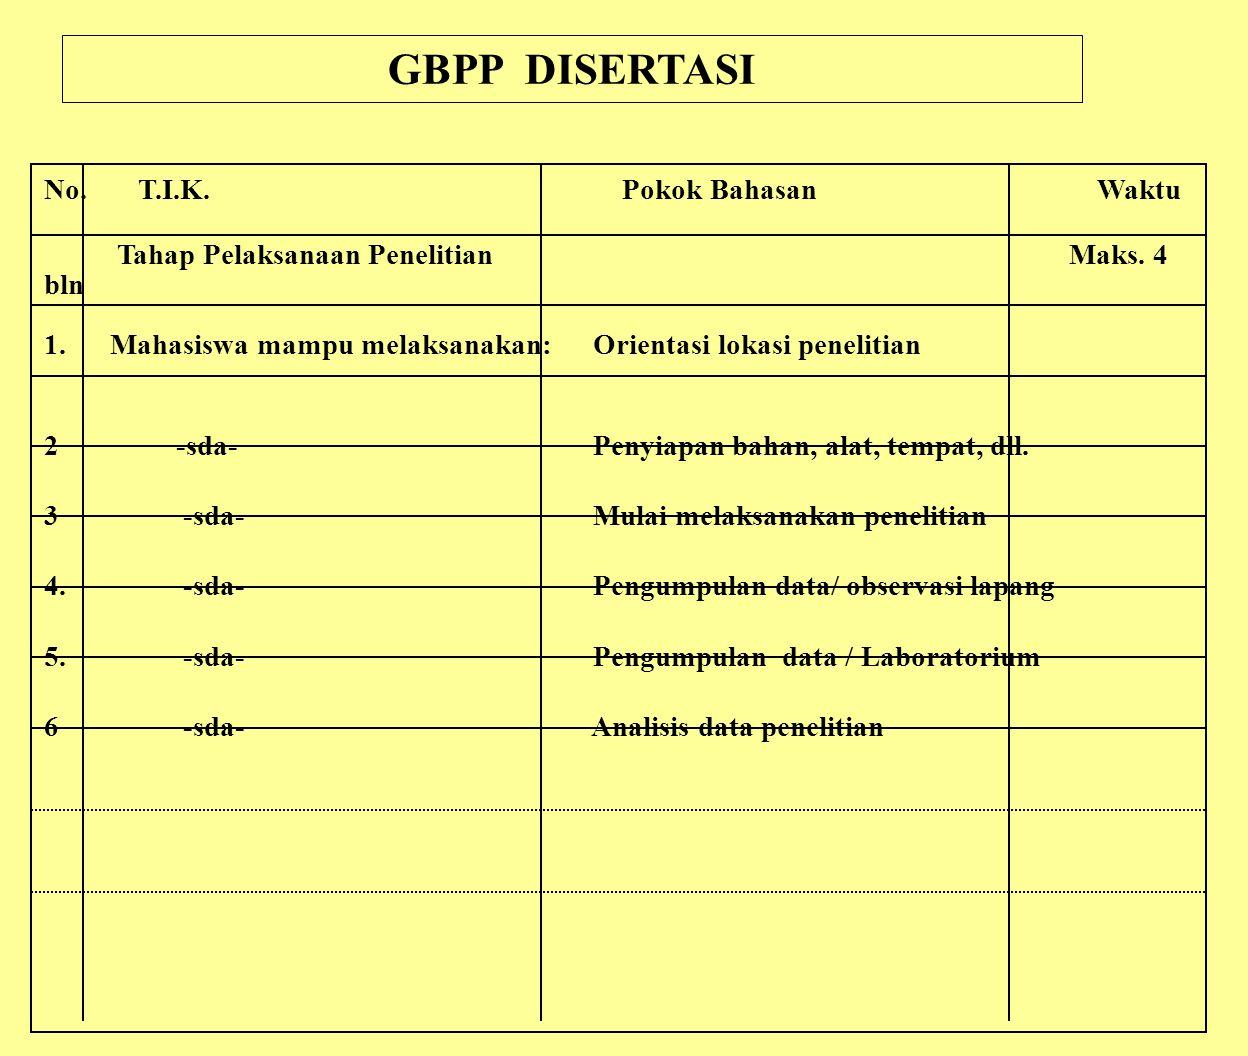 GBPP DISERTASI No. T.I.K. Pokok Bahasan Waktu Tahap Pelaksanaan Penelitian Maks. 4 bln 1. Mahasiswa mampu melaksanakan: Orientasi lokasi penelitian 2-